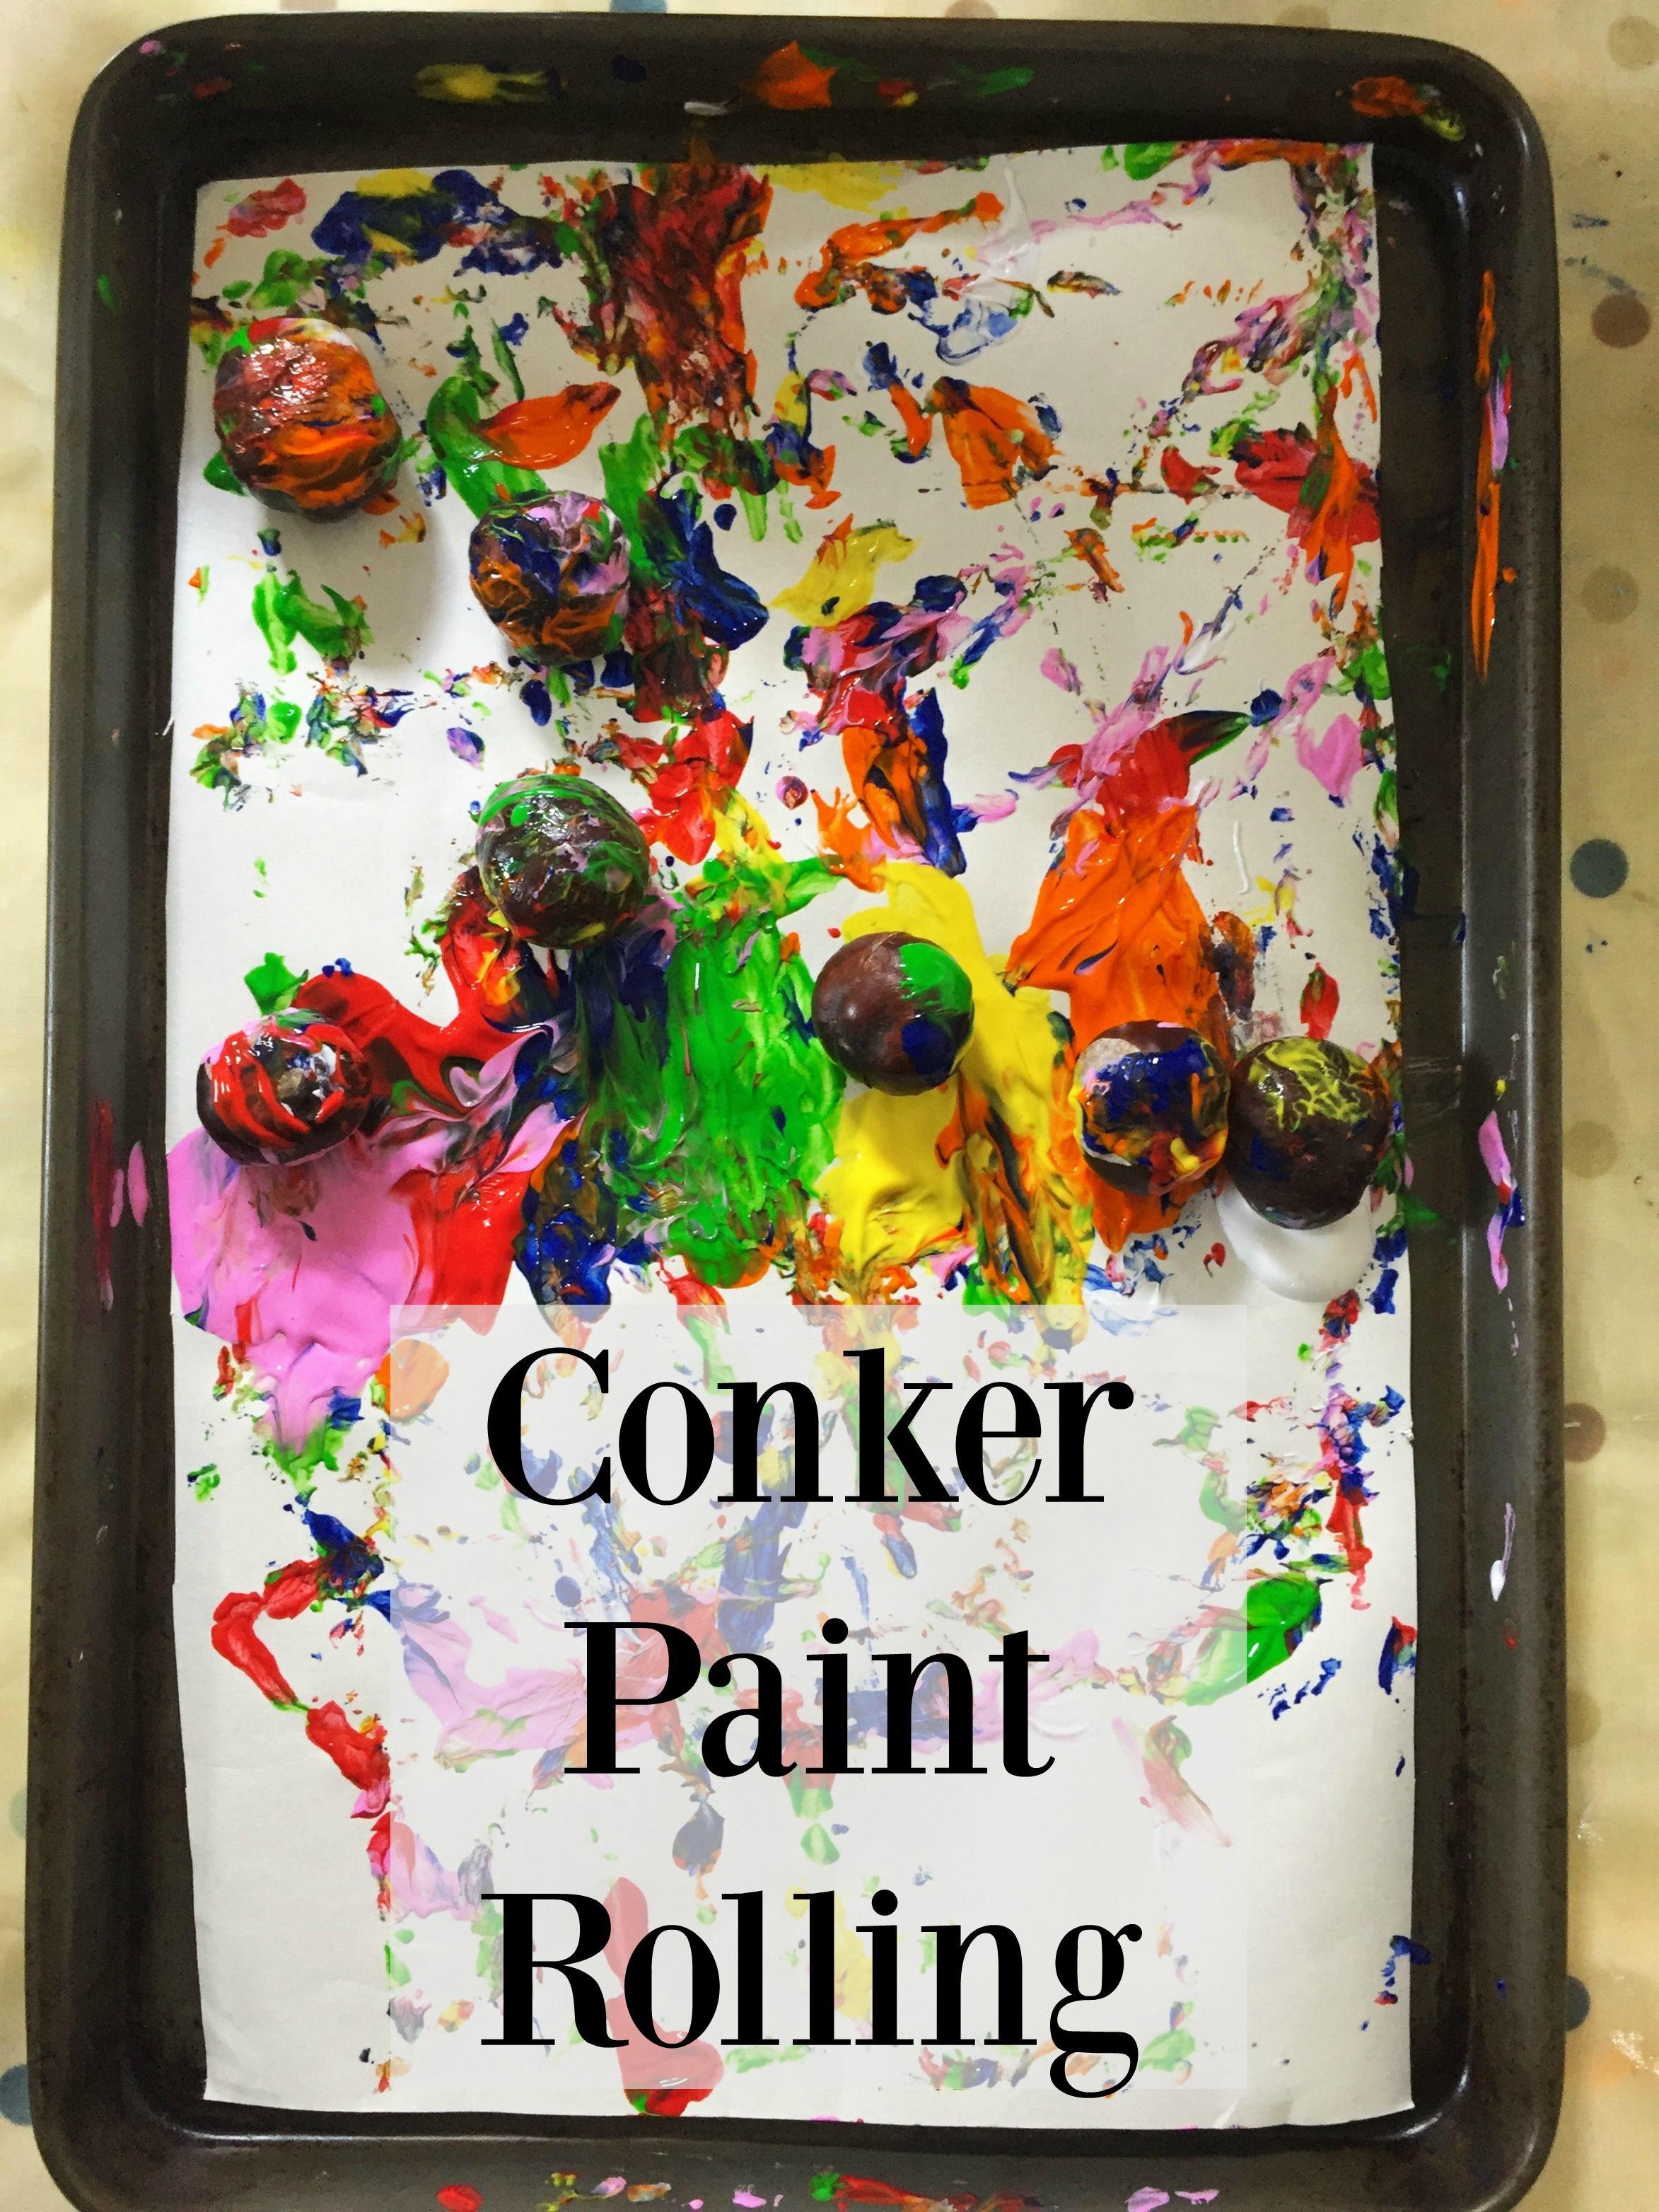 Conker Paint Rolling